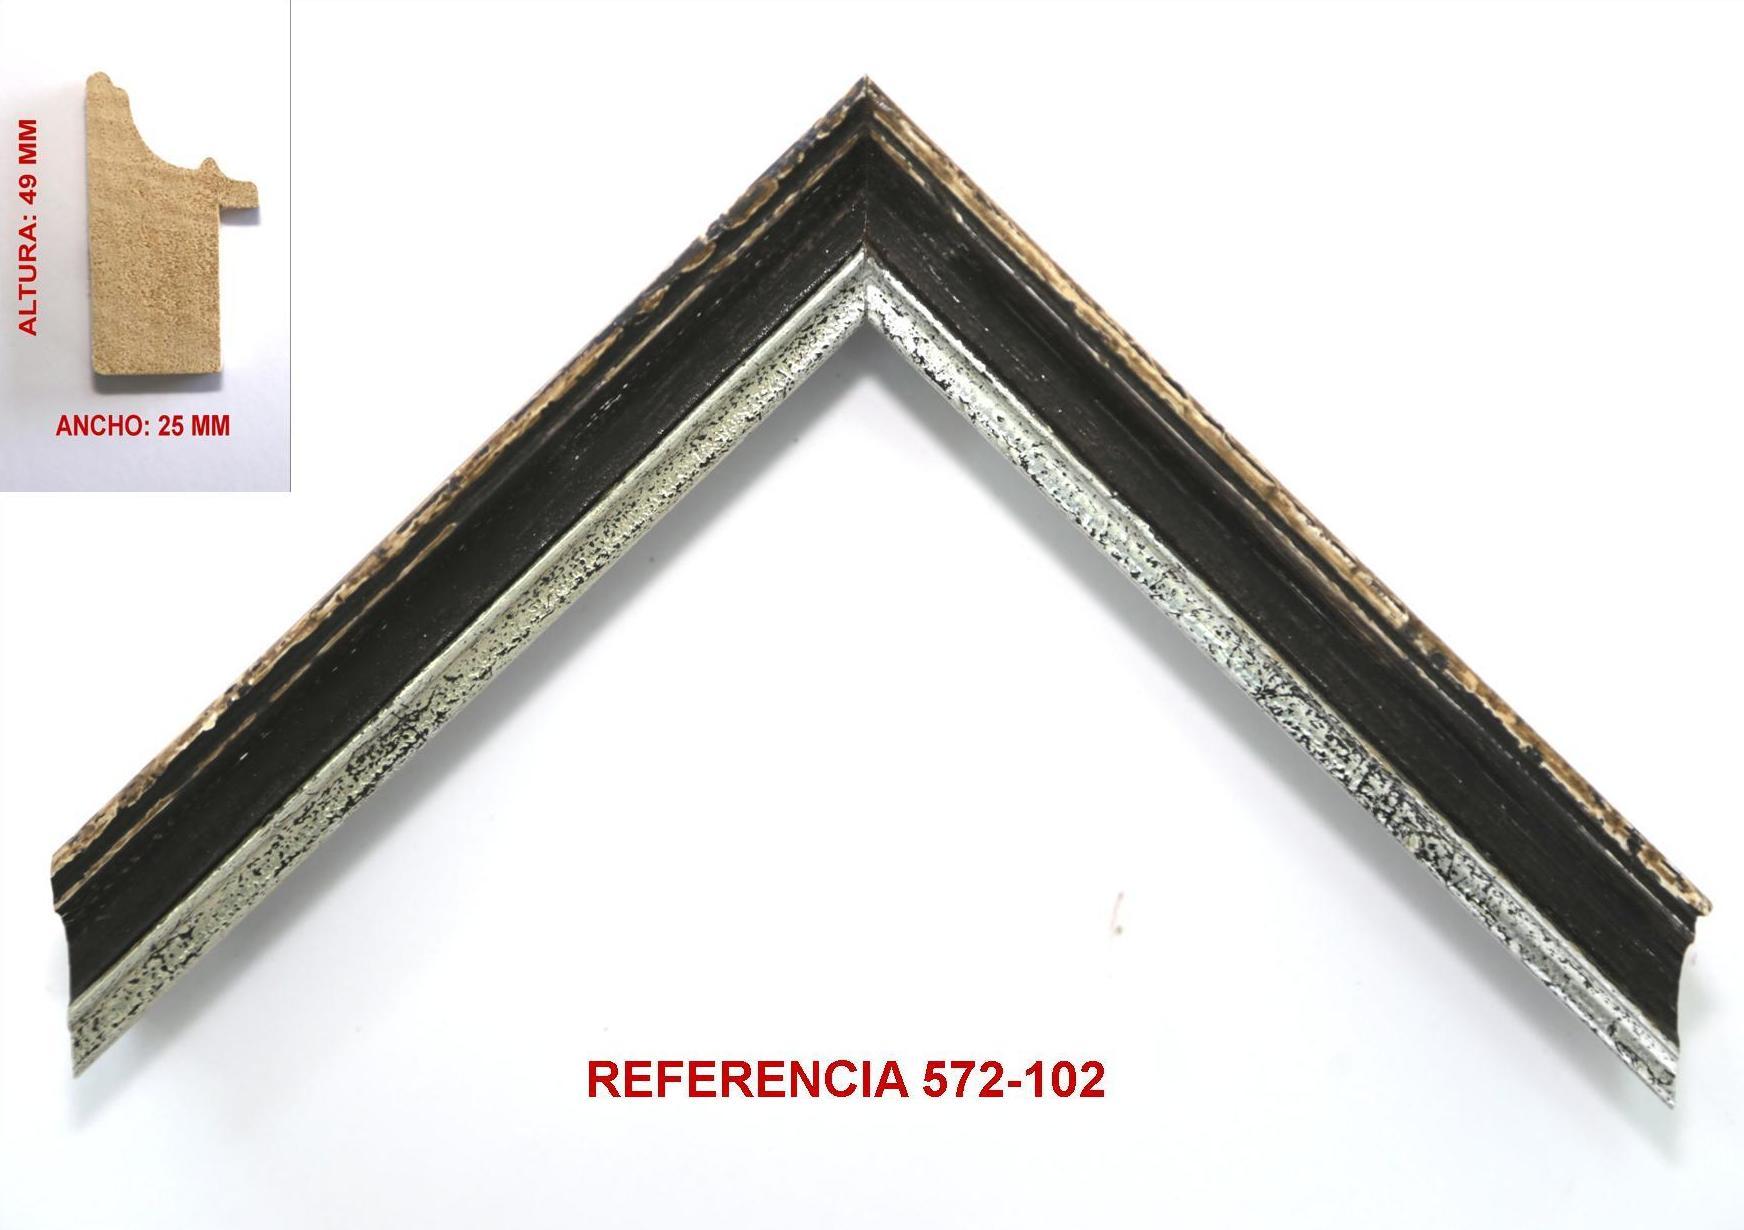 REF 572-102: Muestrario de Moldusevilla